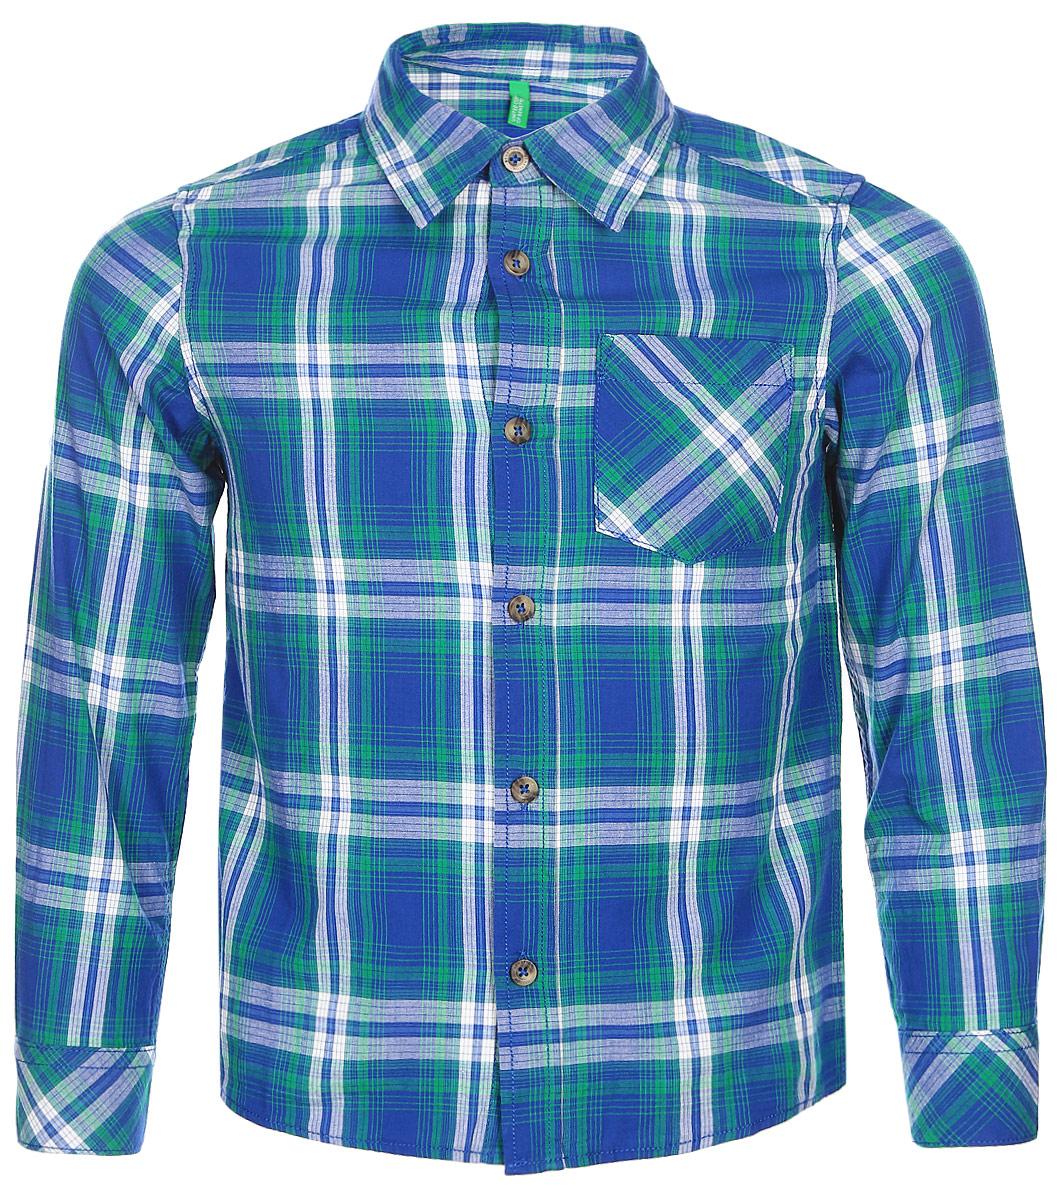 Рубашка для мальчика United Colors of Benetton, цвет: синий, зеленый, белый. 5FU95Q930_929. Размер 1205FU95Q930_929Рубашка для мальчика United Colors of Benetton выполнена из натурального хлопка. Модель с отложным воротником застёгивается на пуговицы.